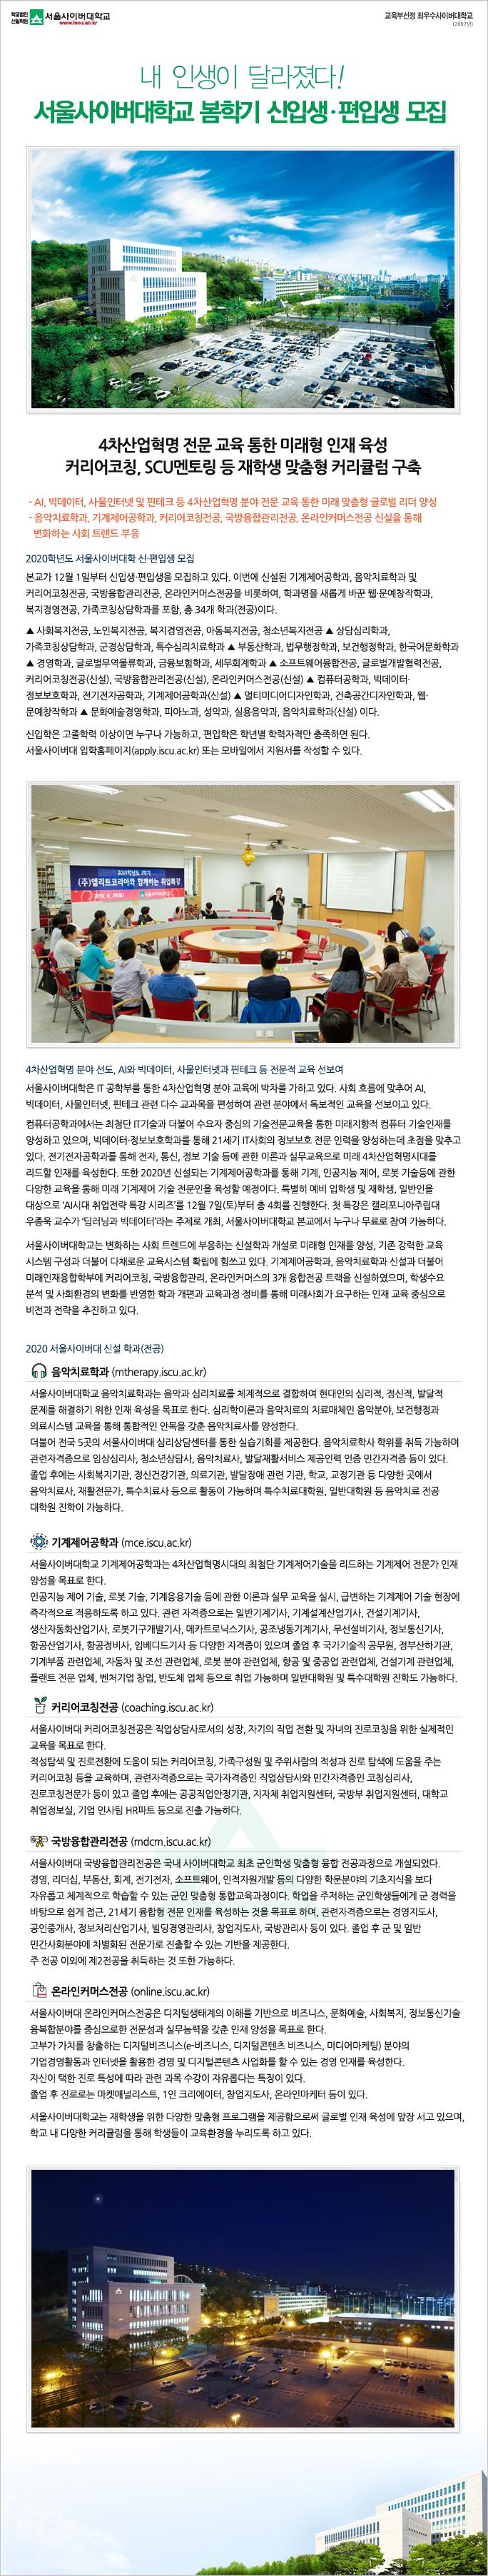 서울사이버대학교 2020 신입생, 편입생 모집중